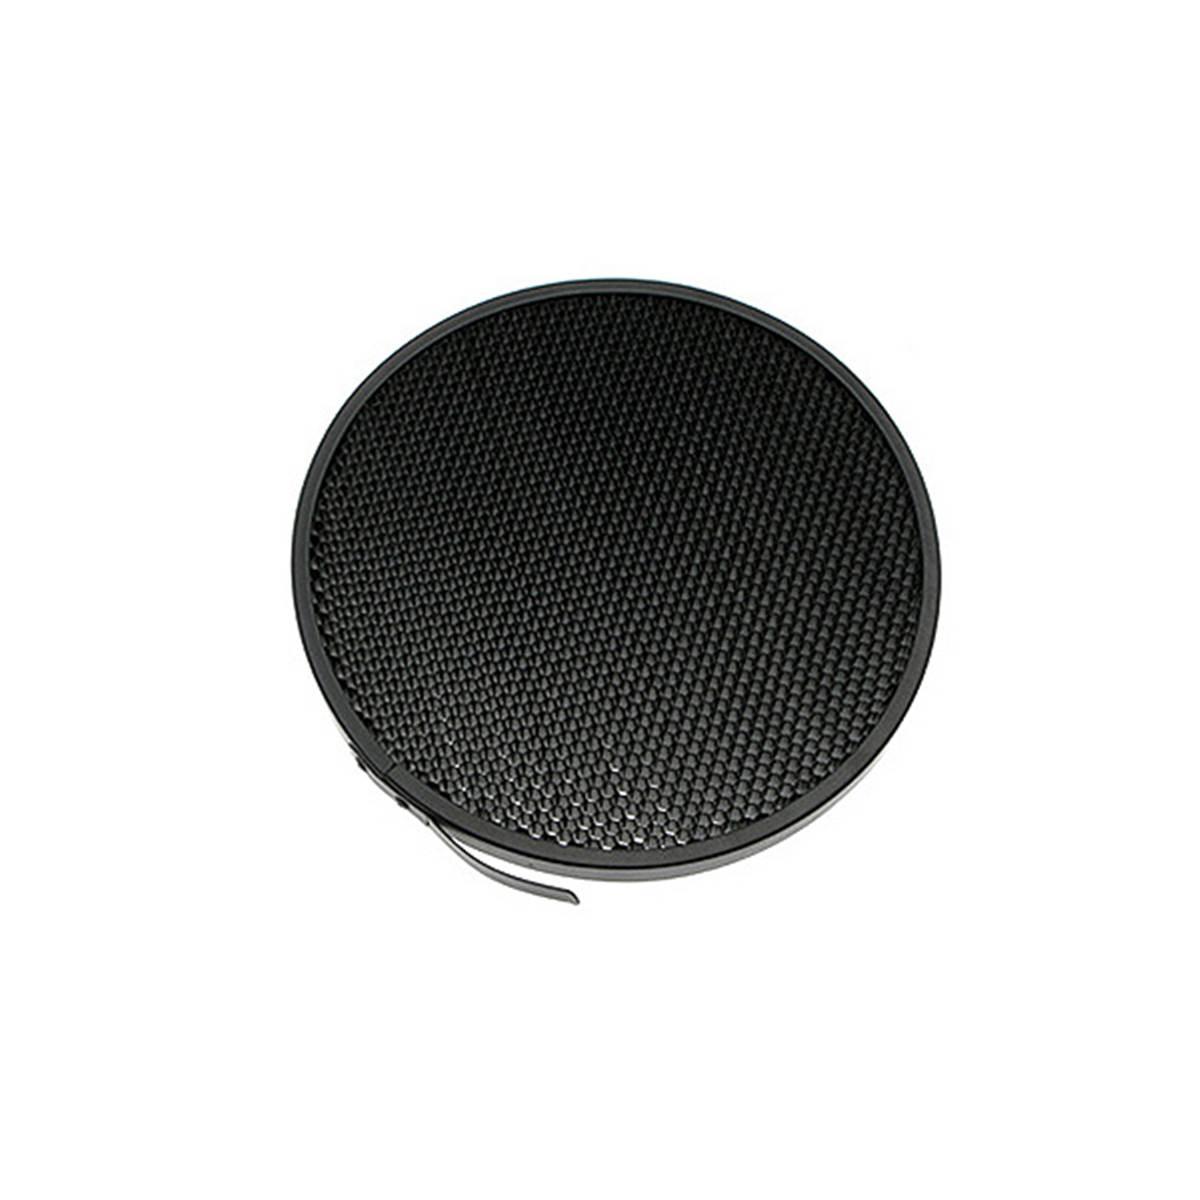 lastolite grille nid d 39 abeille pour r flecteur 7 pour lumen8 prophot. Black Bedroom Furniture Sets. Home Design Ideas